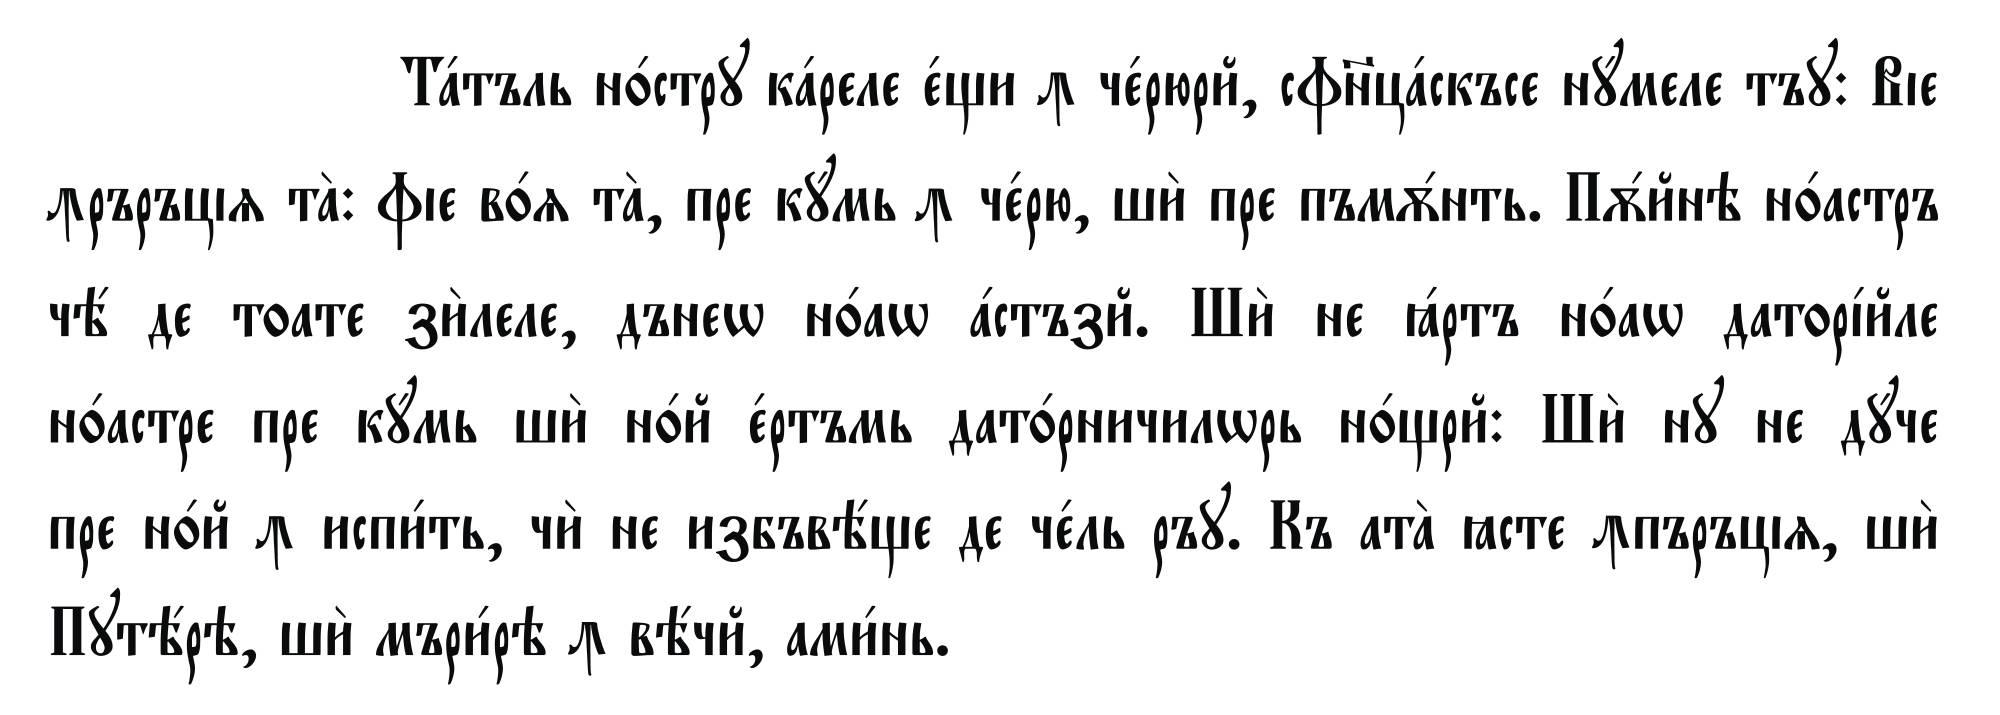 Apprendre L'Alphabet Cyrillique Pour Écrire Le Russe concernant Apprendre A Écrire L Alphabet